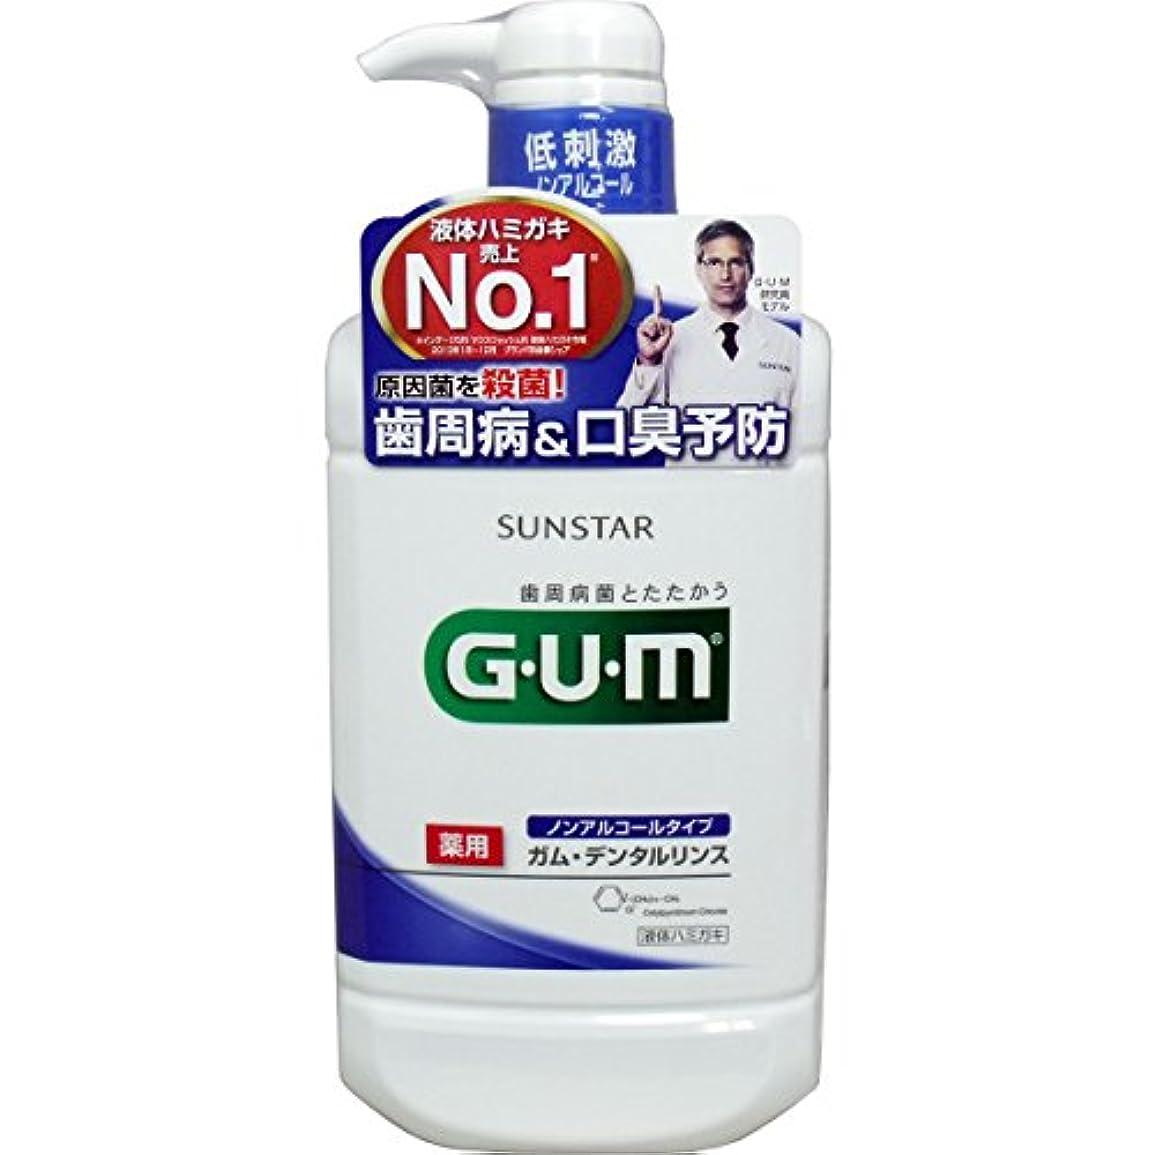 ペースレルム紫の歯周病予防 デンタルリンス ハグキの炎症を防ぐ 便利 GUM ガム?デンタルリンス 薬用 ノンアルコールタイプ 960mL【3個セット】